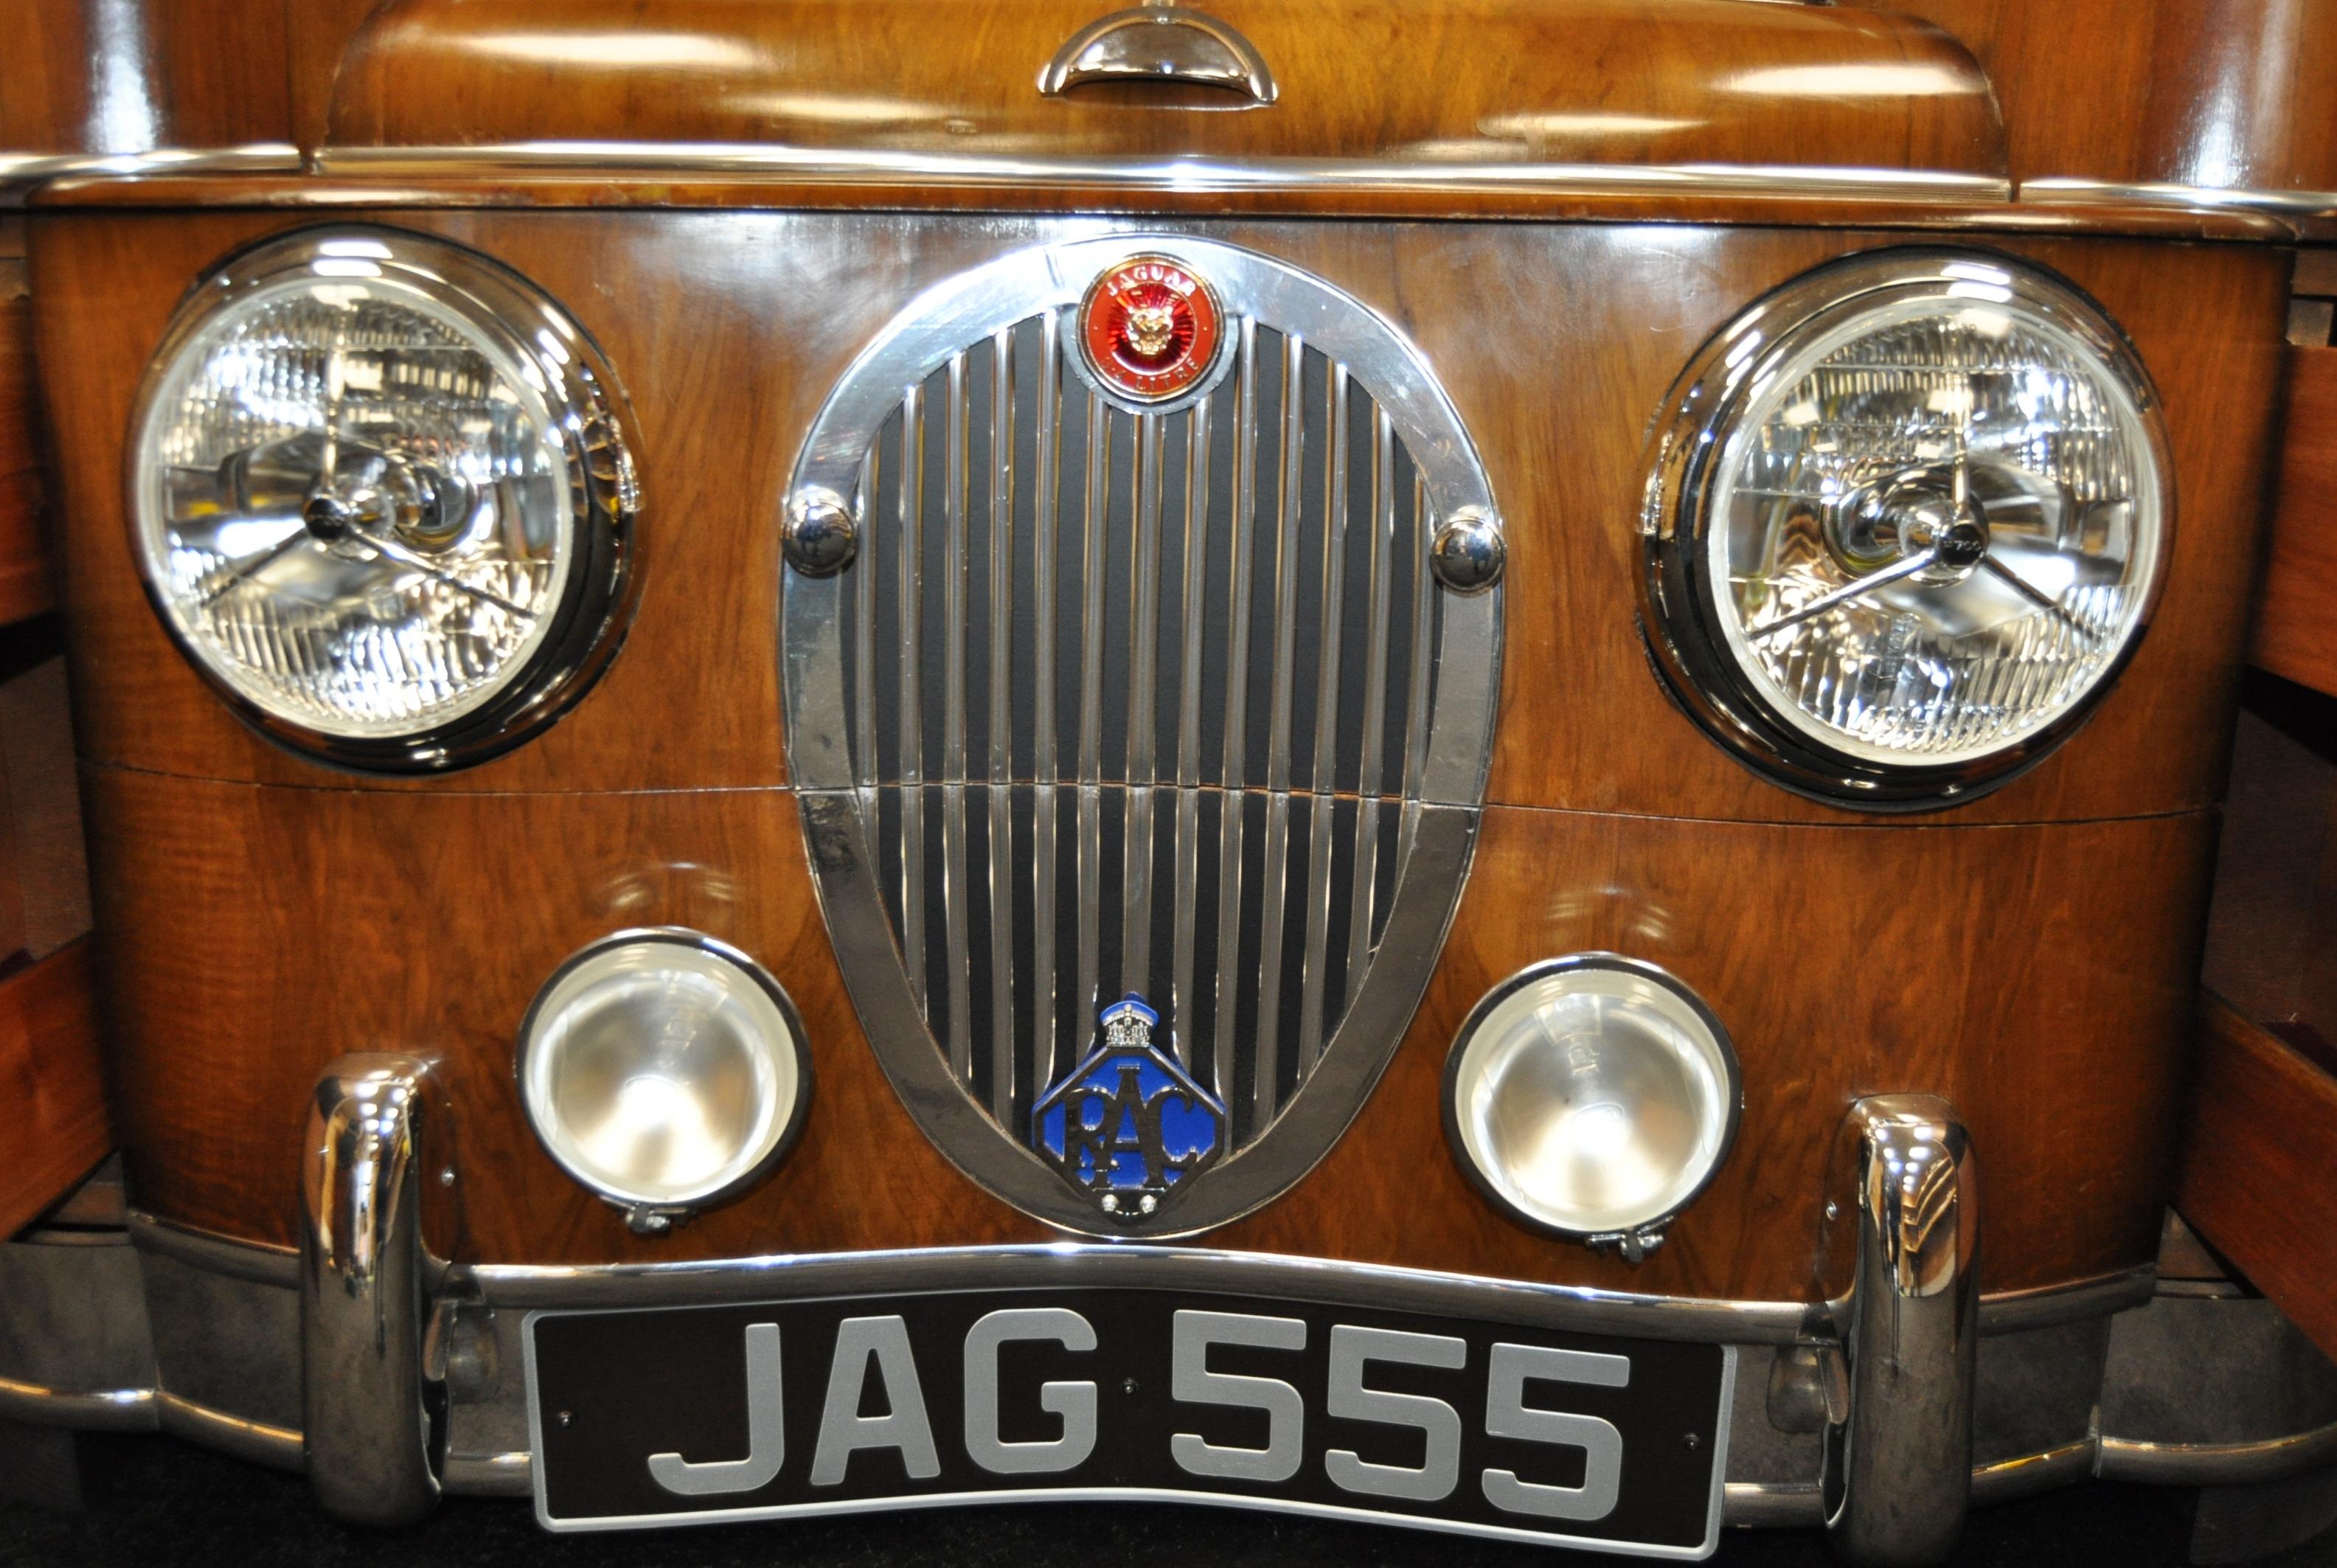 JAGUAR - INCREDIBLE 1940S SIDEBOARD STYLE OF JAGUAR MK 2 - Image 6 of 8